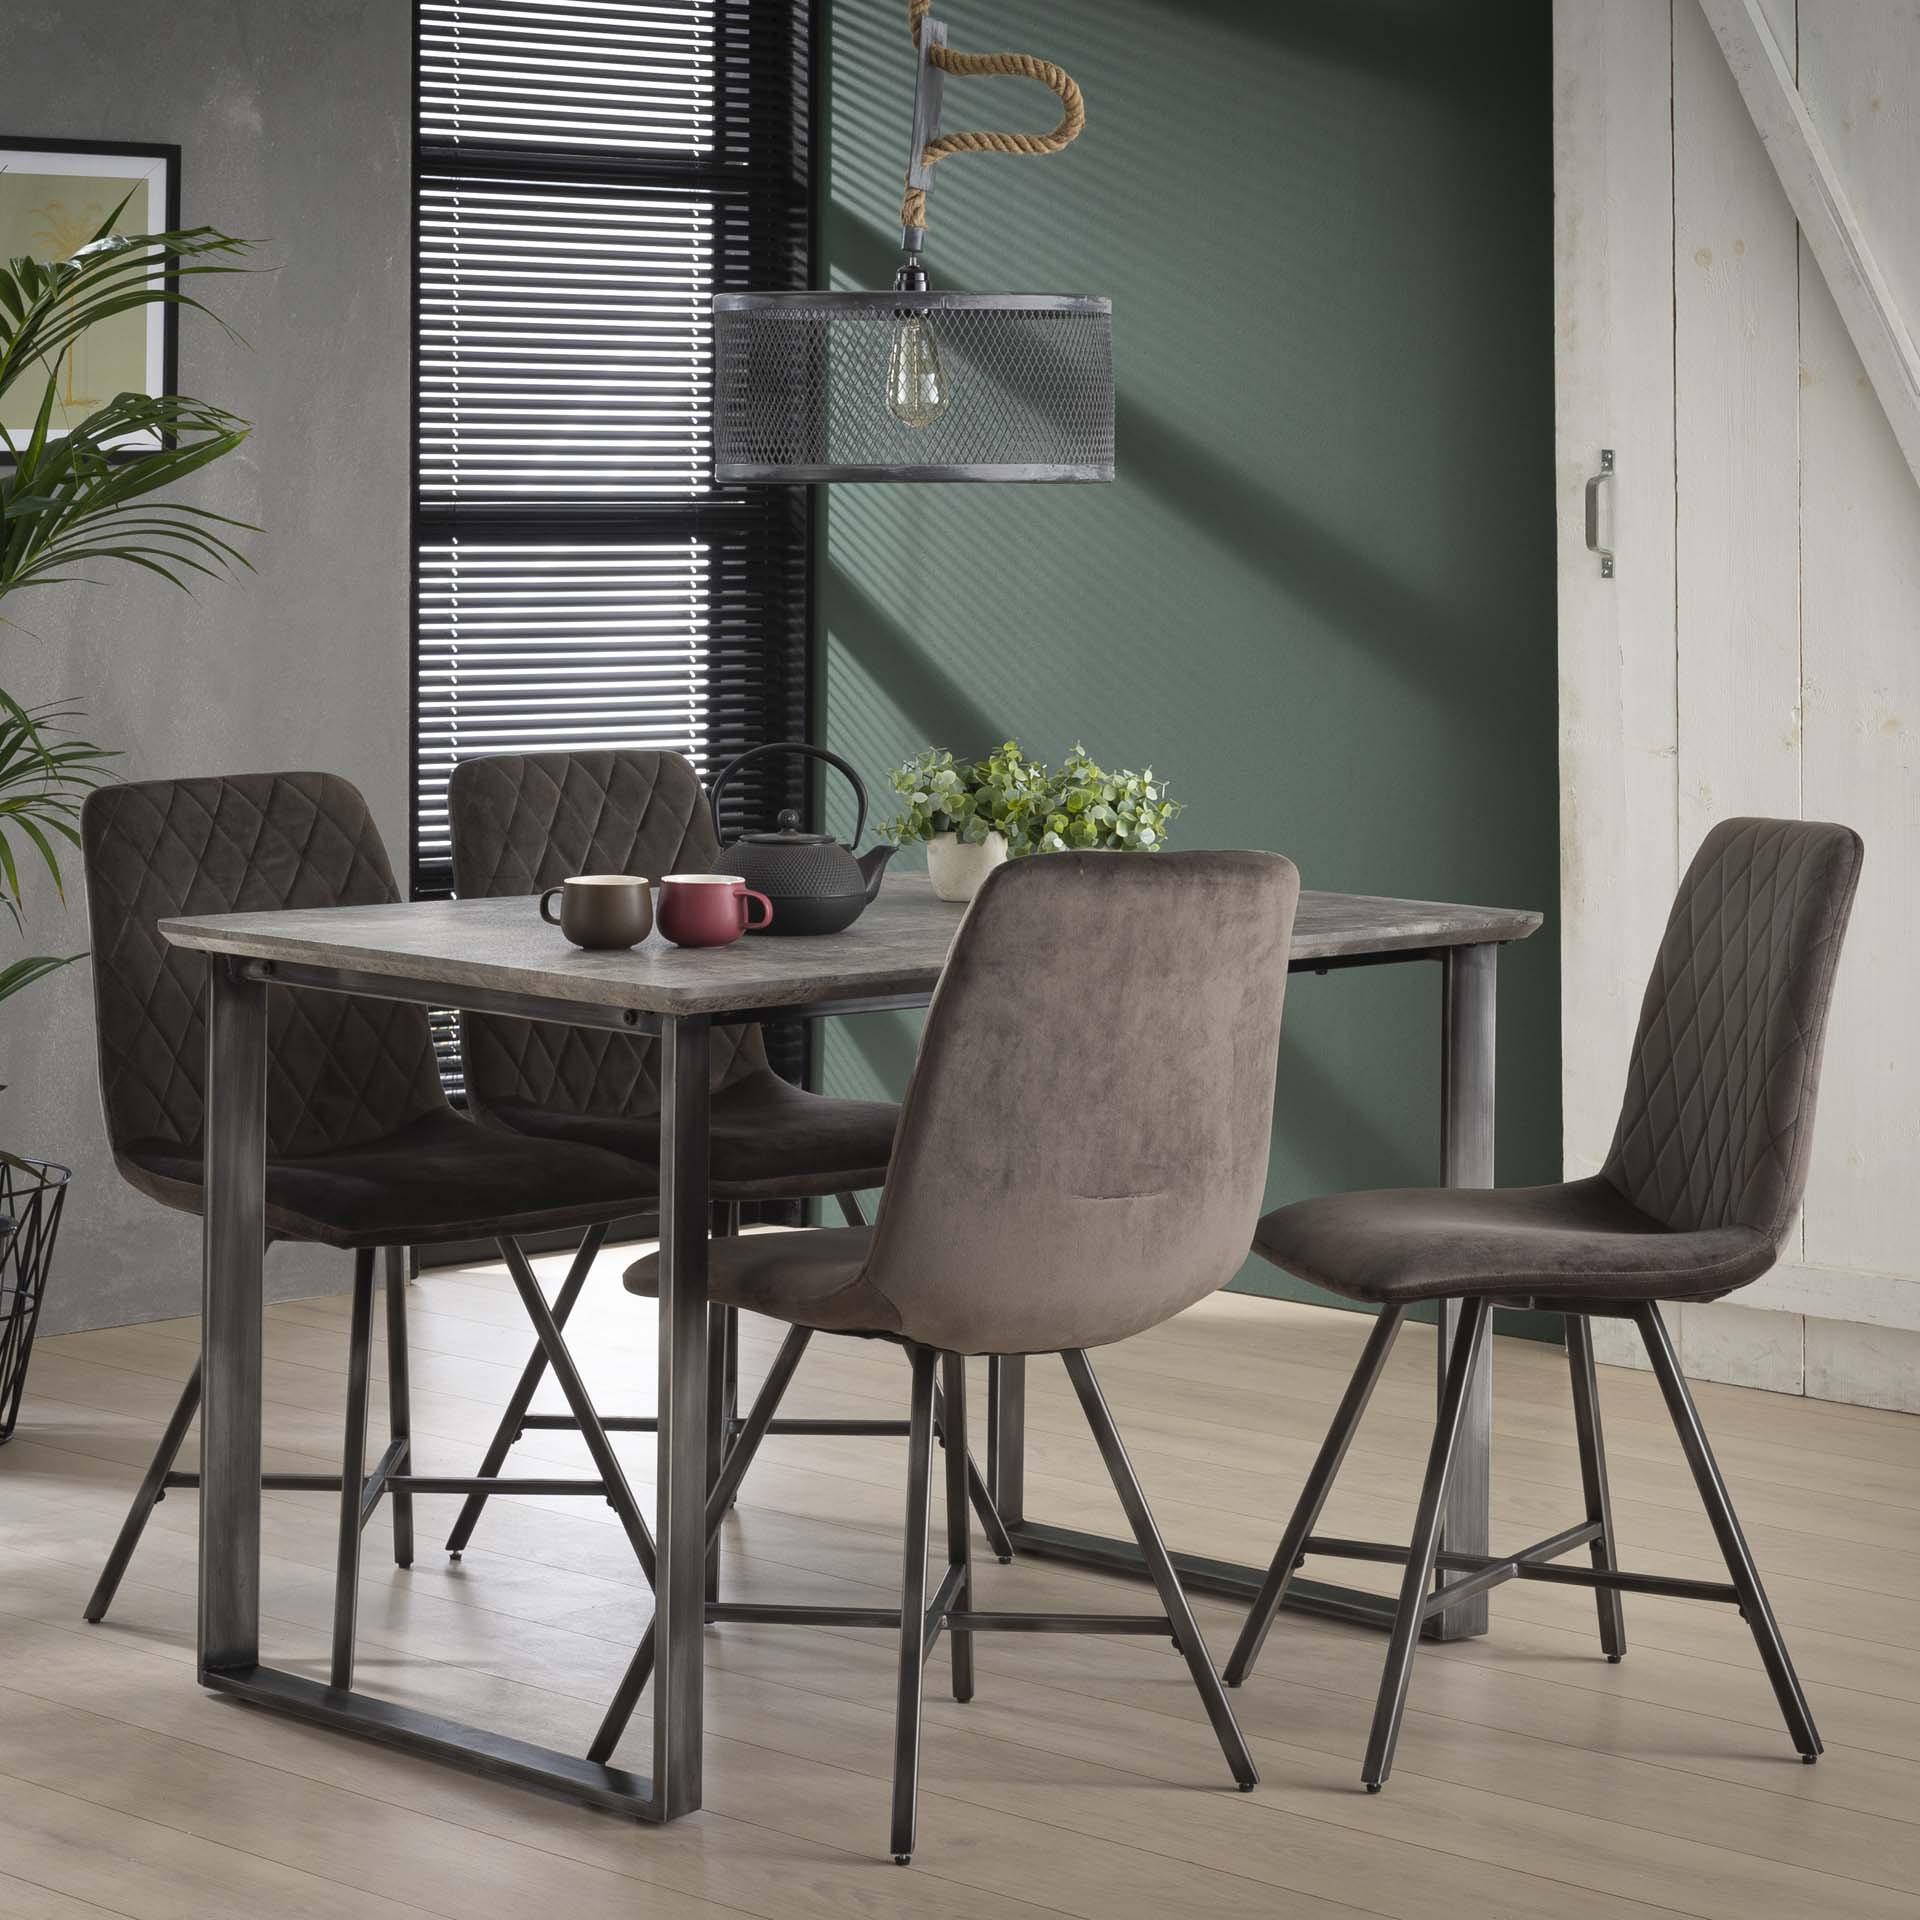 Industri?le Eettafel 'Queens' 120 x 80cm, kleur 3D-betonlook Tafels | Eettafels vergelijken doe je het voordeligst hier bij Meubelpartner